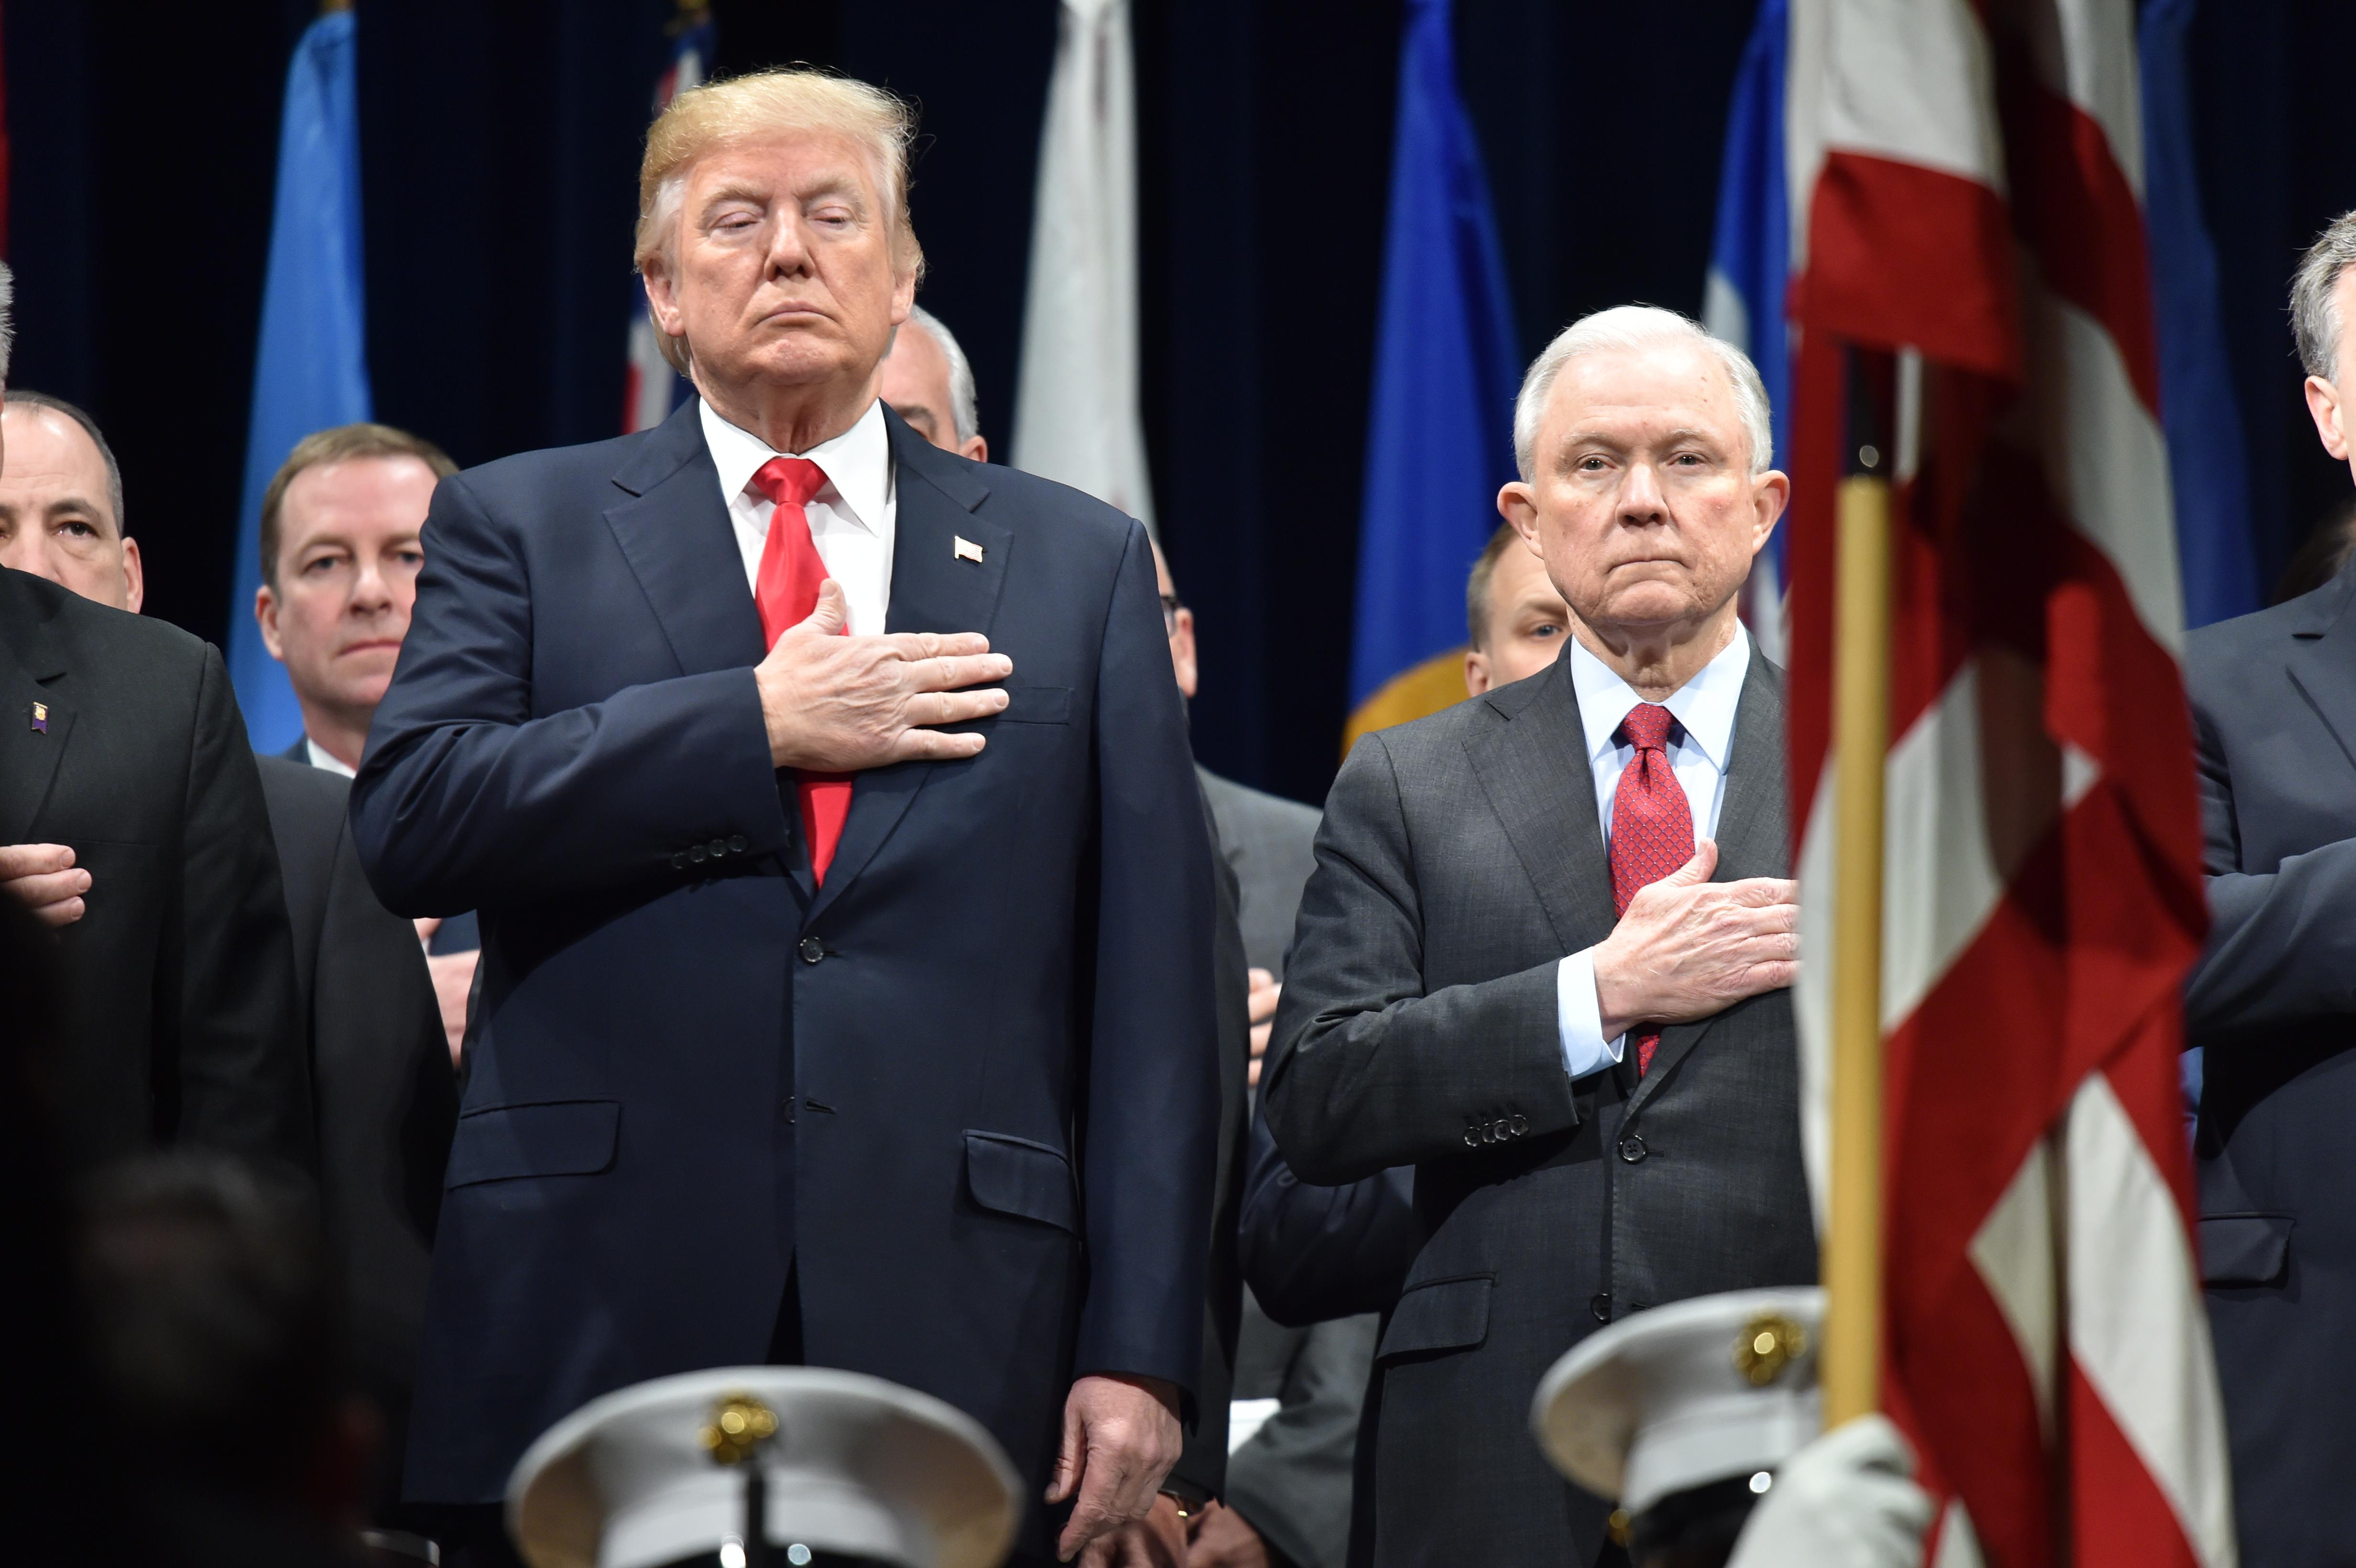 Trump igazságügyi miniszterét is kihallgatta az orosz beavatkozást vizsgáló bizottság